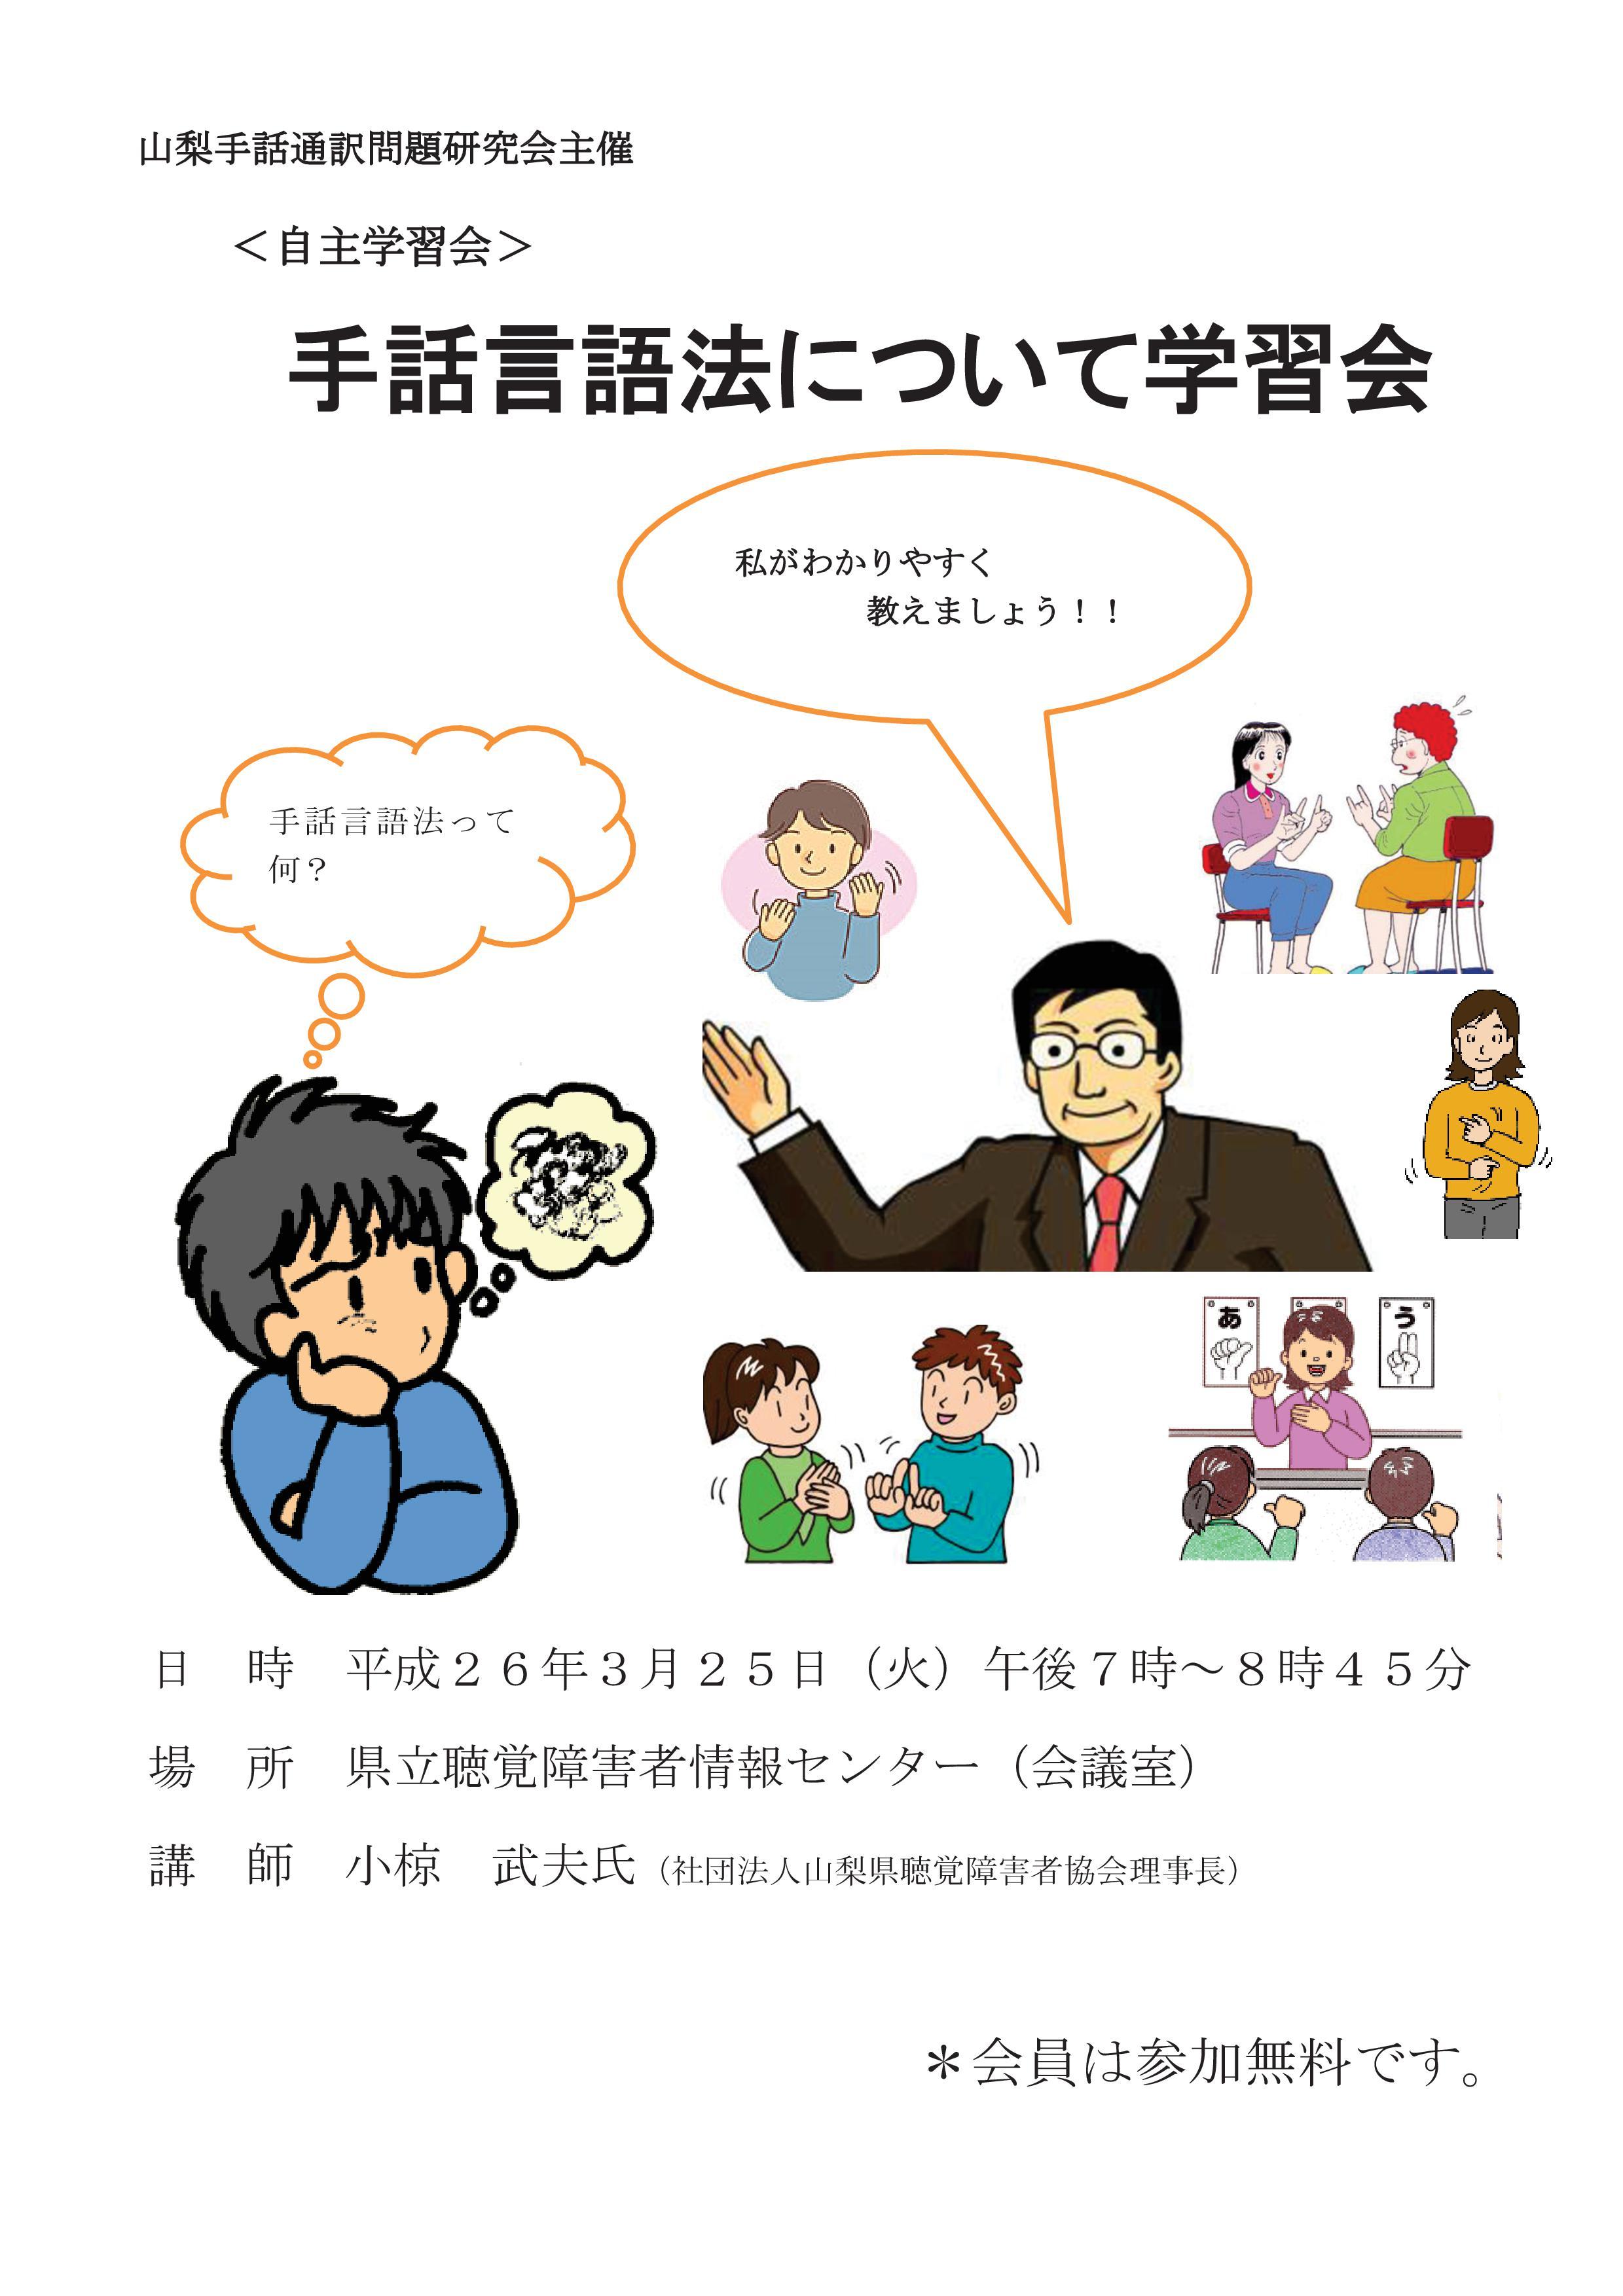 20140325手話言語法についての学習会